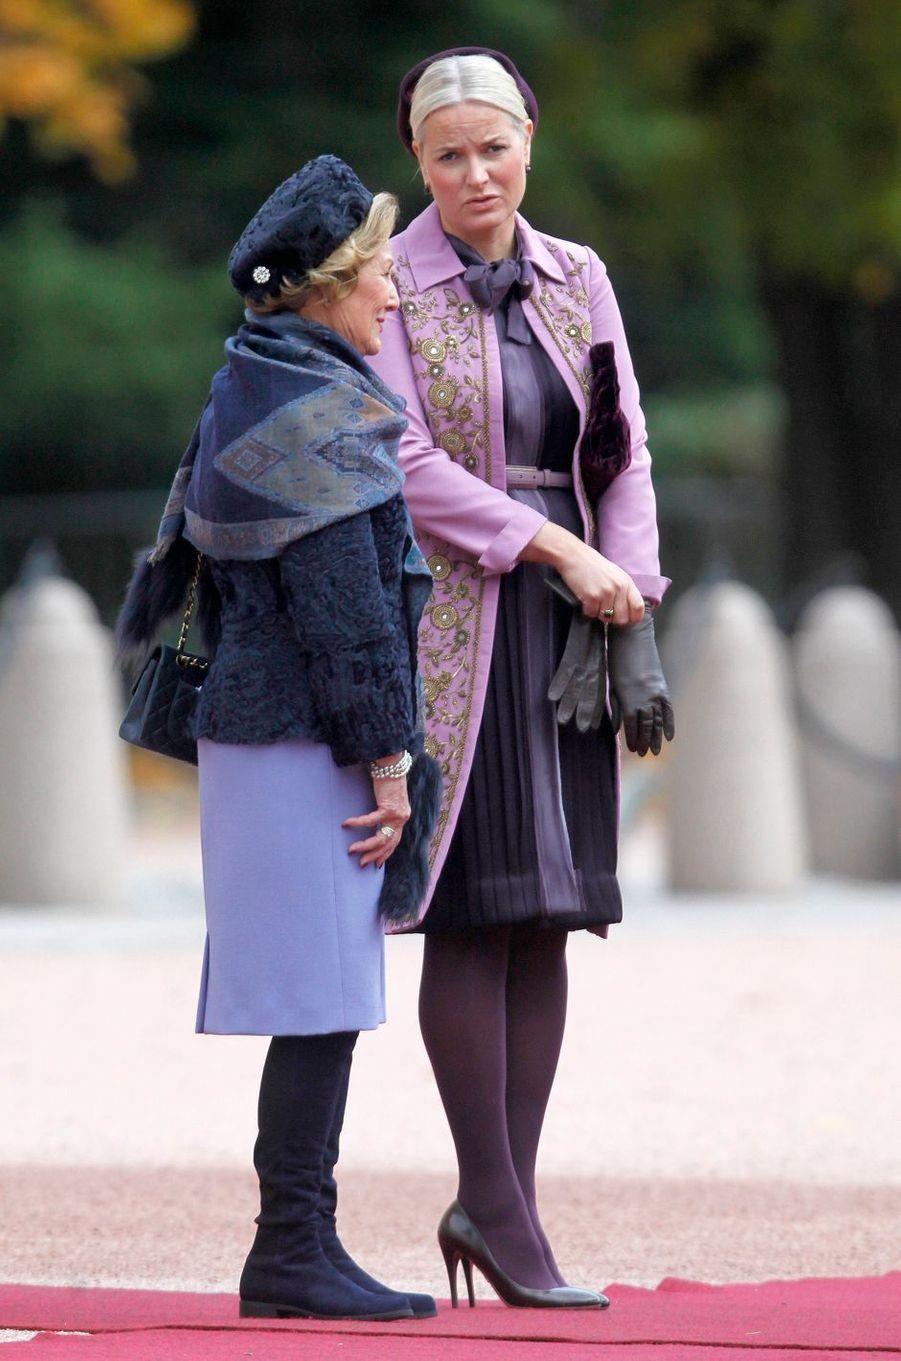 La princesse Mette-Marit et la reine Sonja de Norvège à Oslo, le 10 octobre 2016